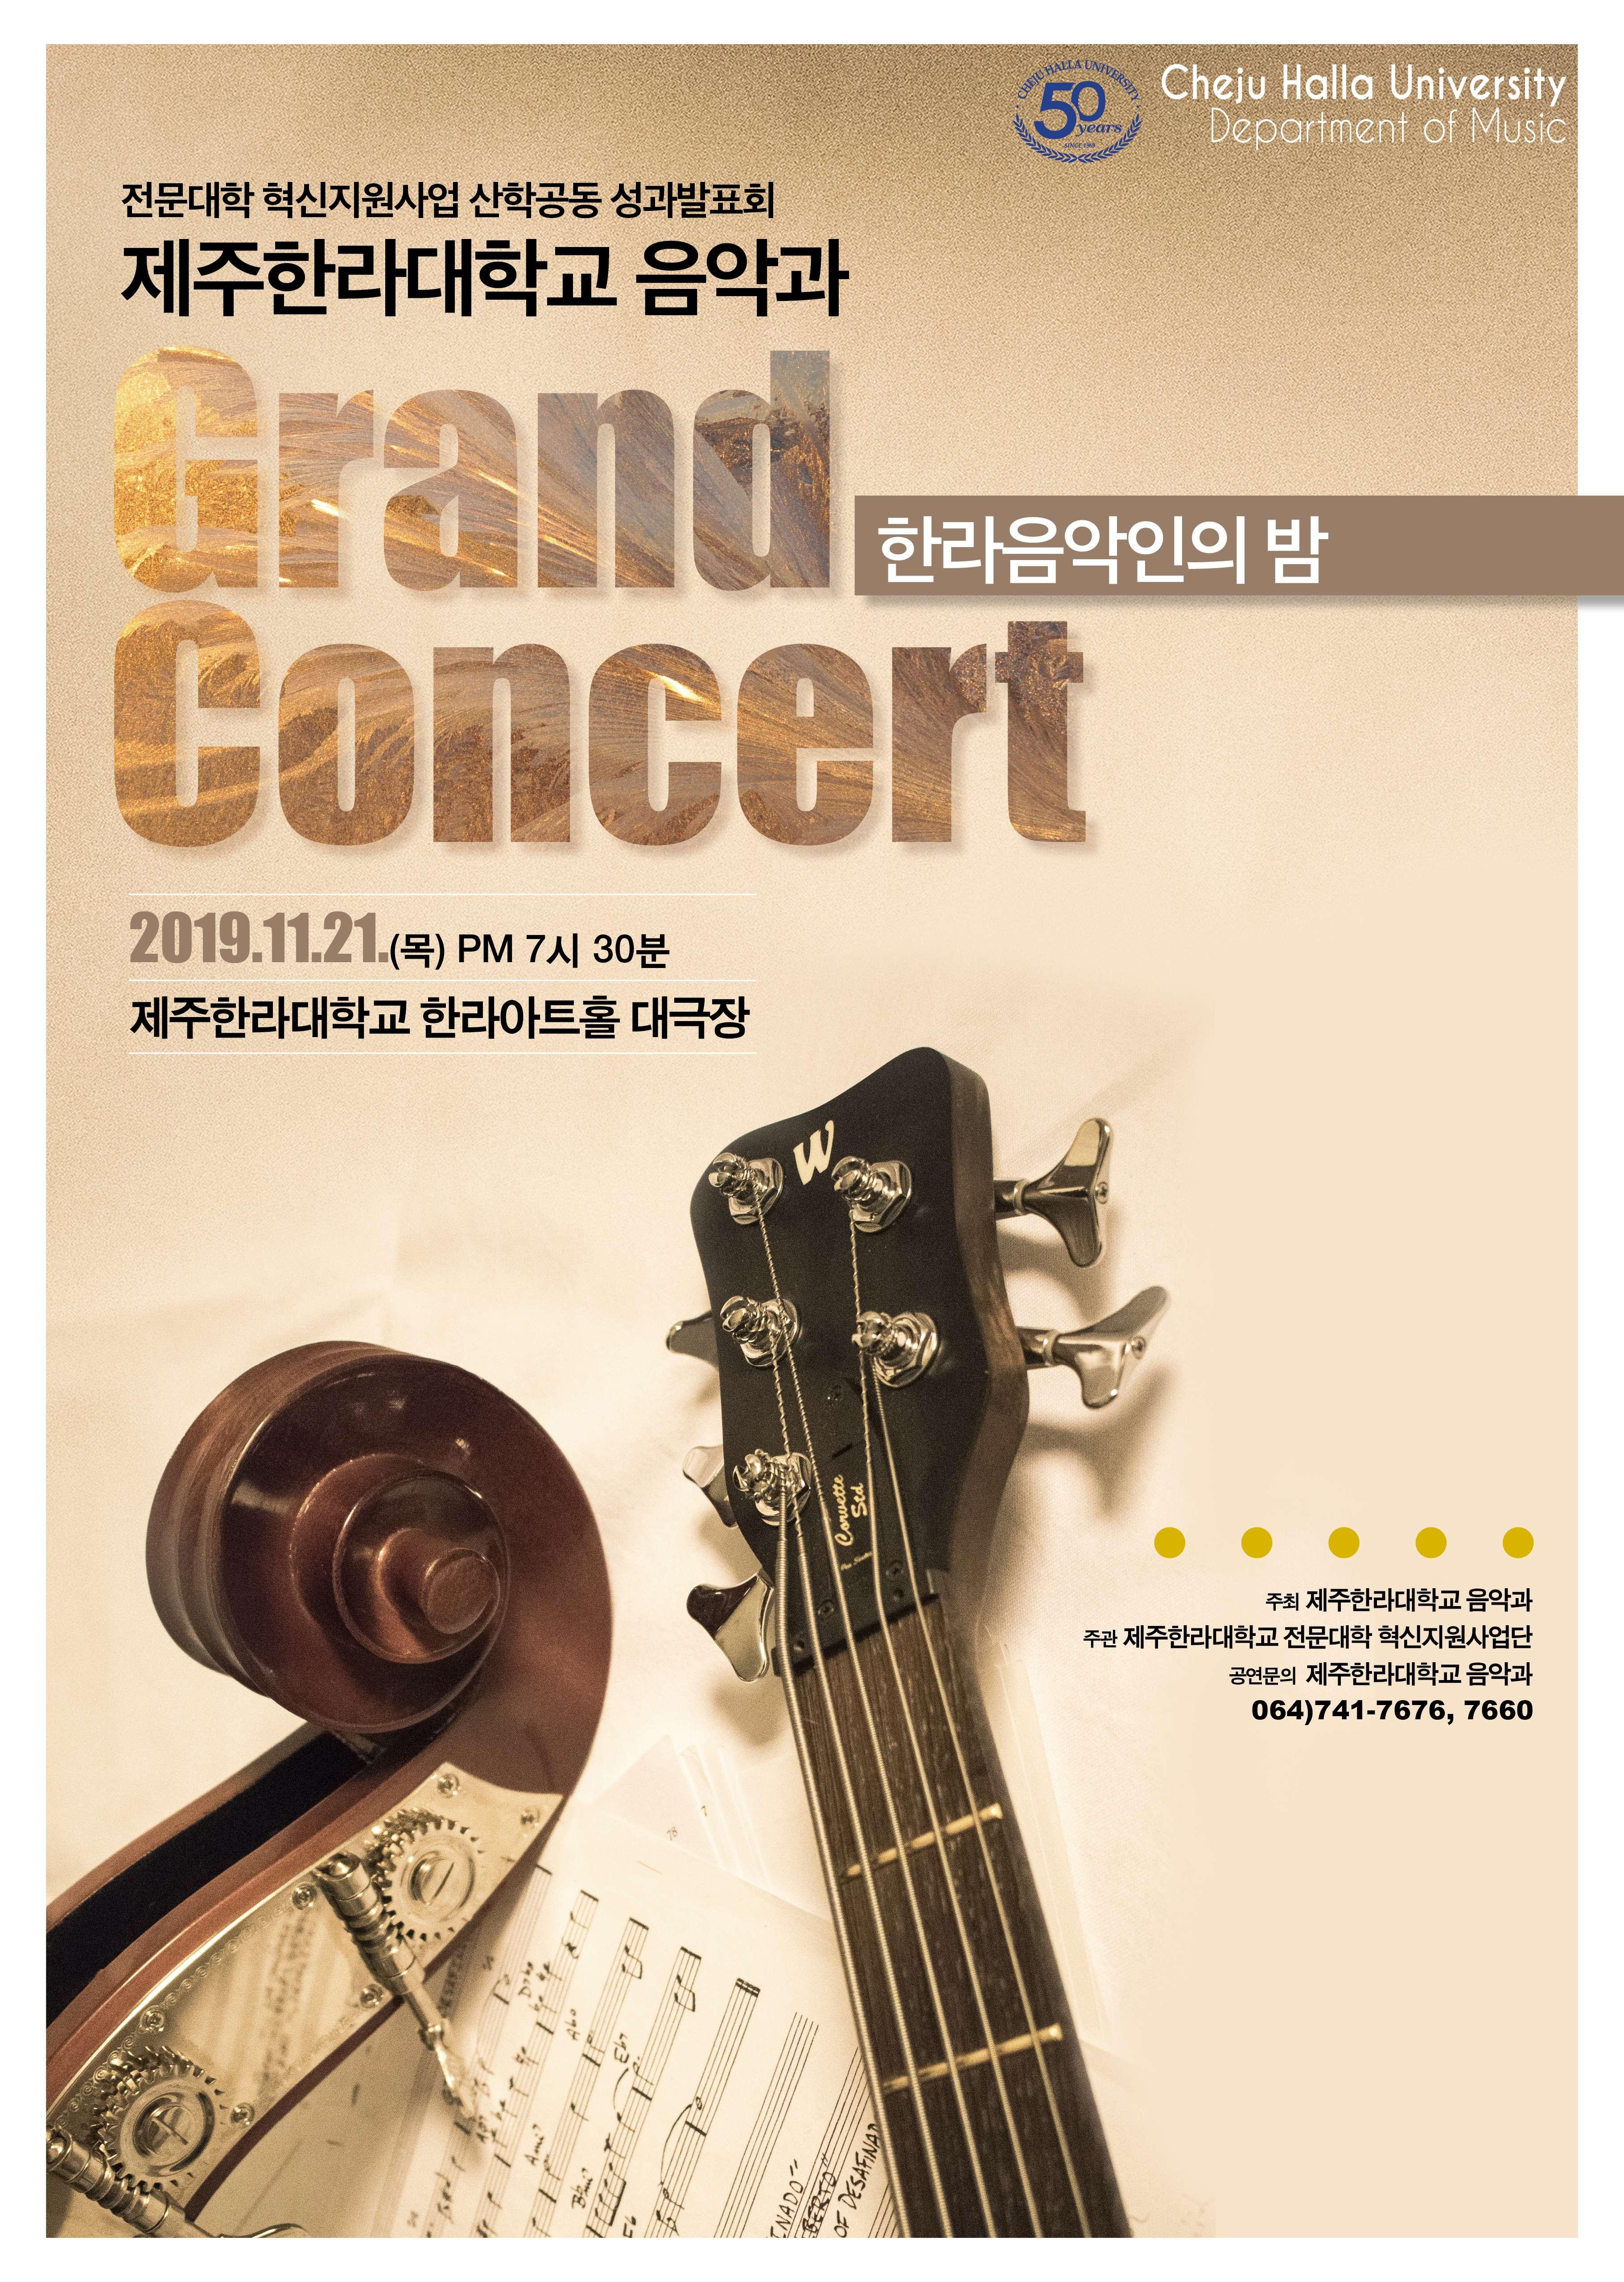 2019 제주한라대학교 음악과 Grand Concert '한라음악인의 밤' 개최0